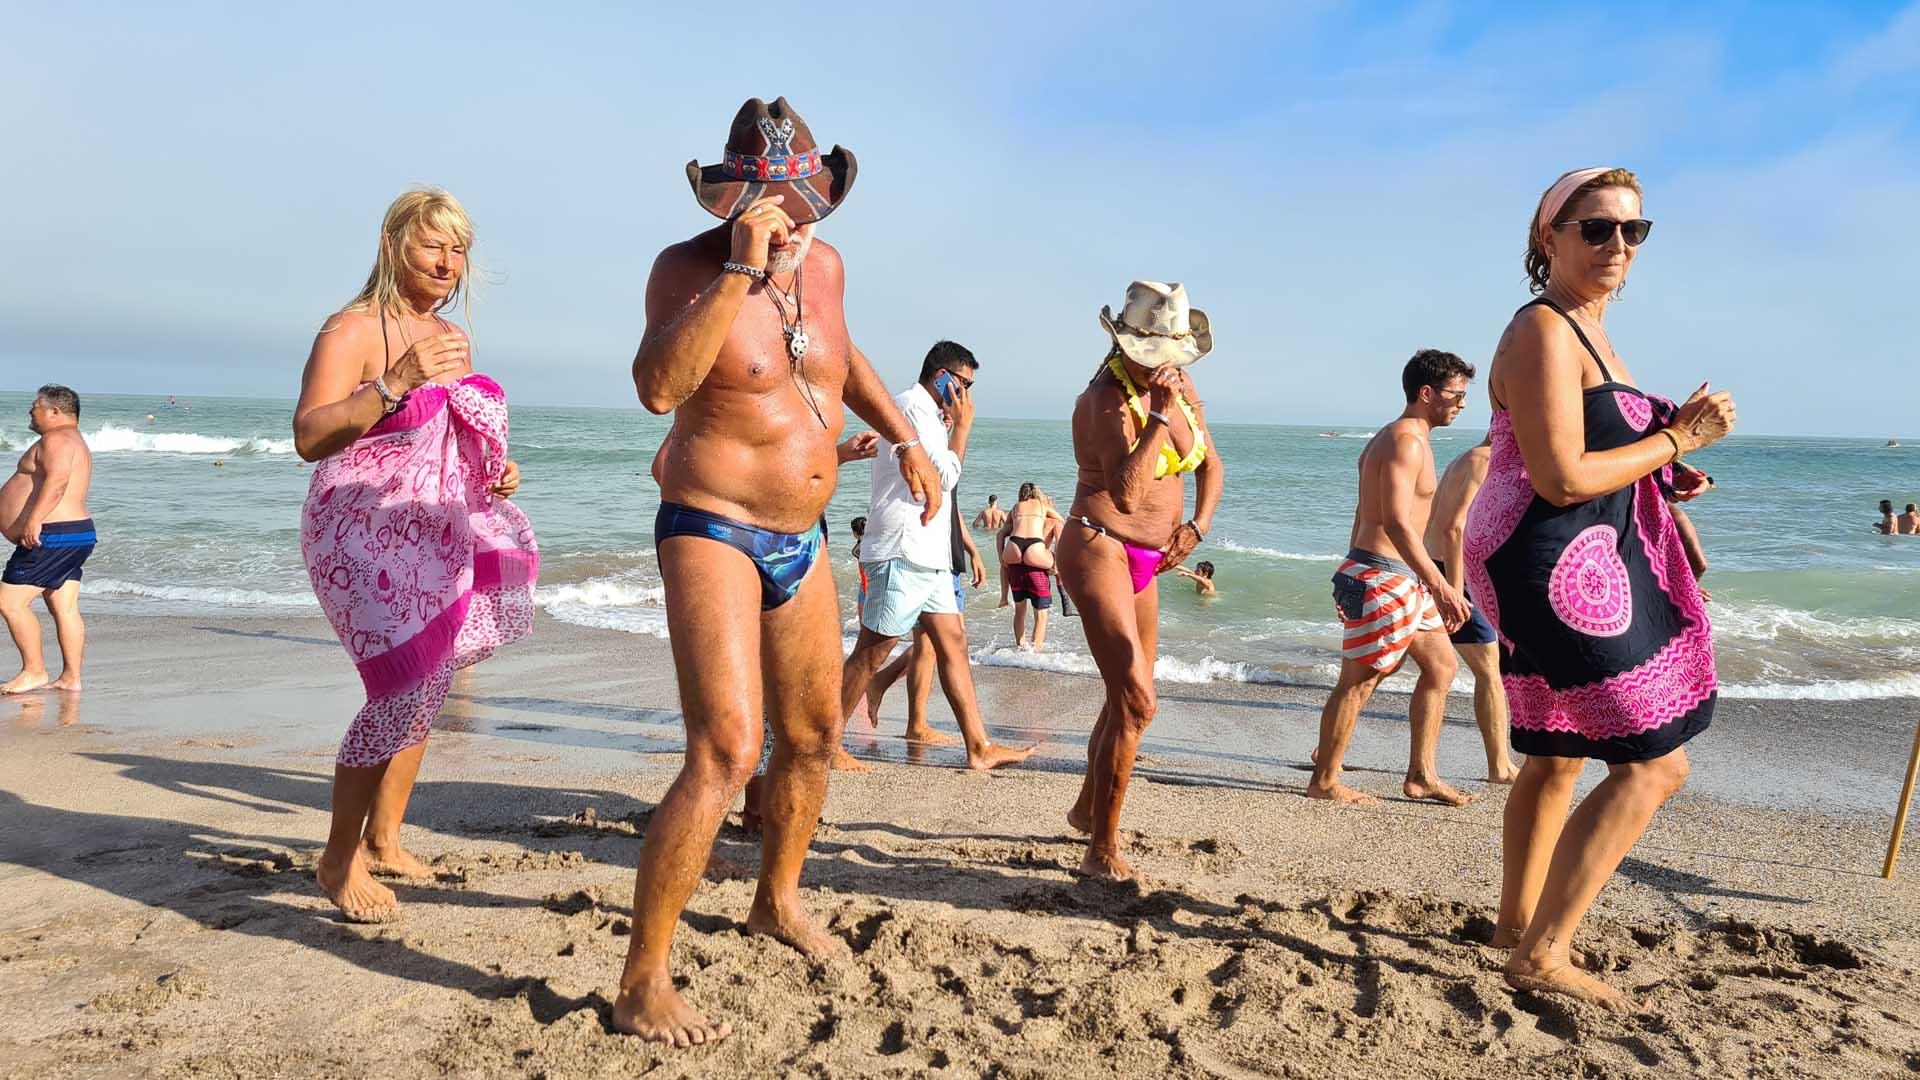 El sábado, los agentes de control cerraron la playa Cabo Corrientes por exceso de turistas. También un acceso de Playa Grande para evitar aglomeraciones de personas